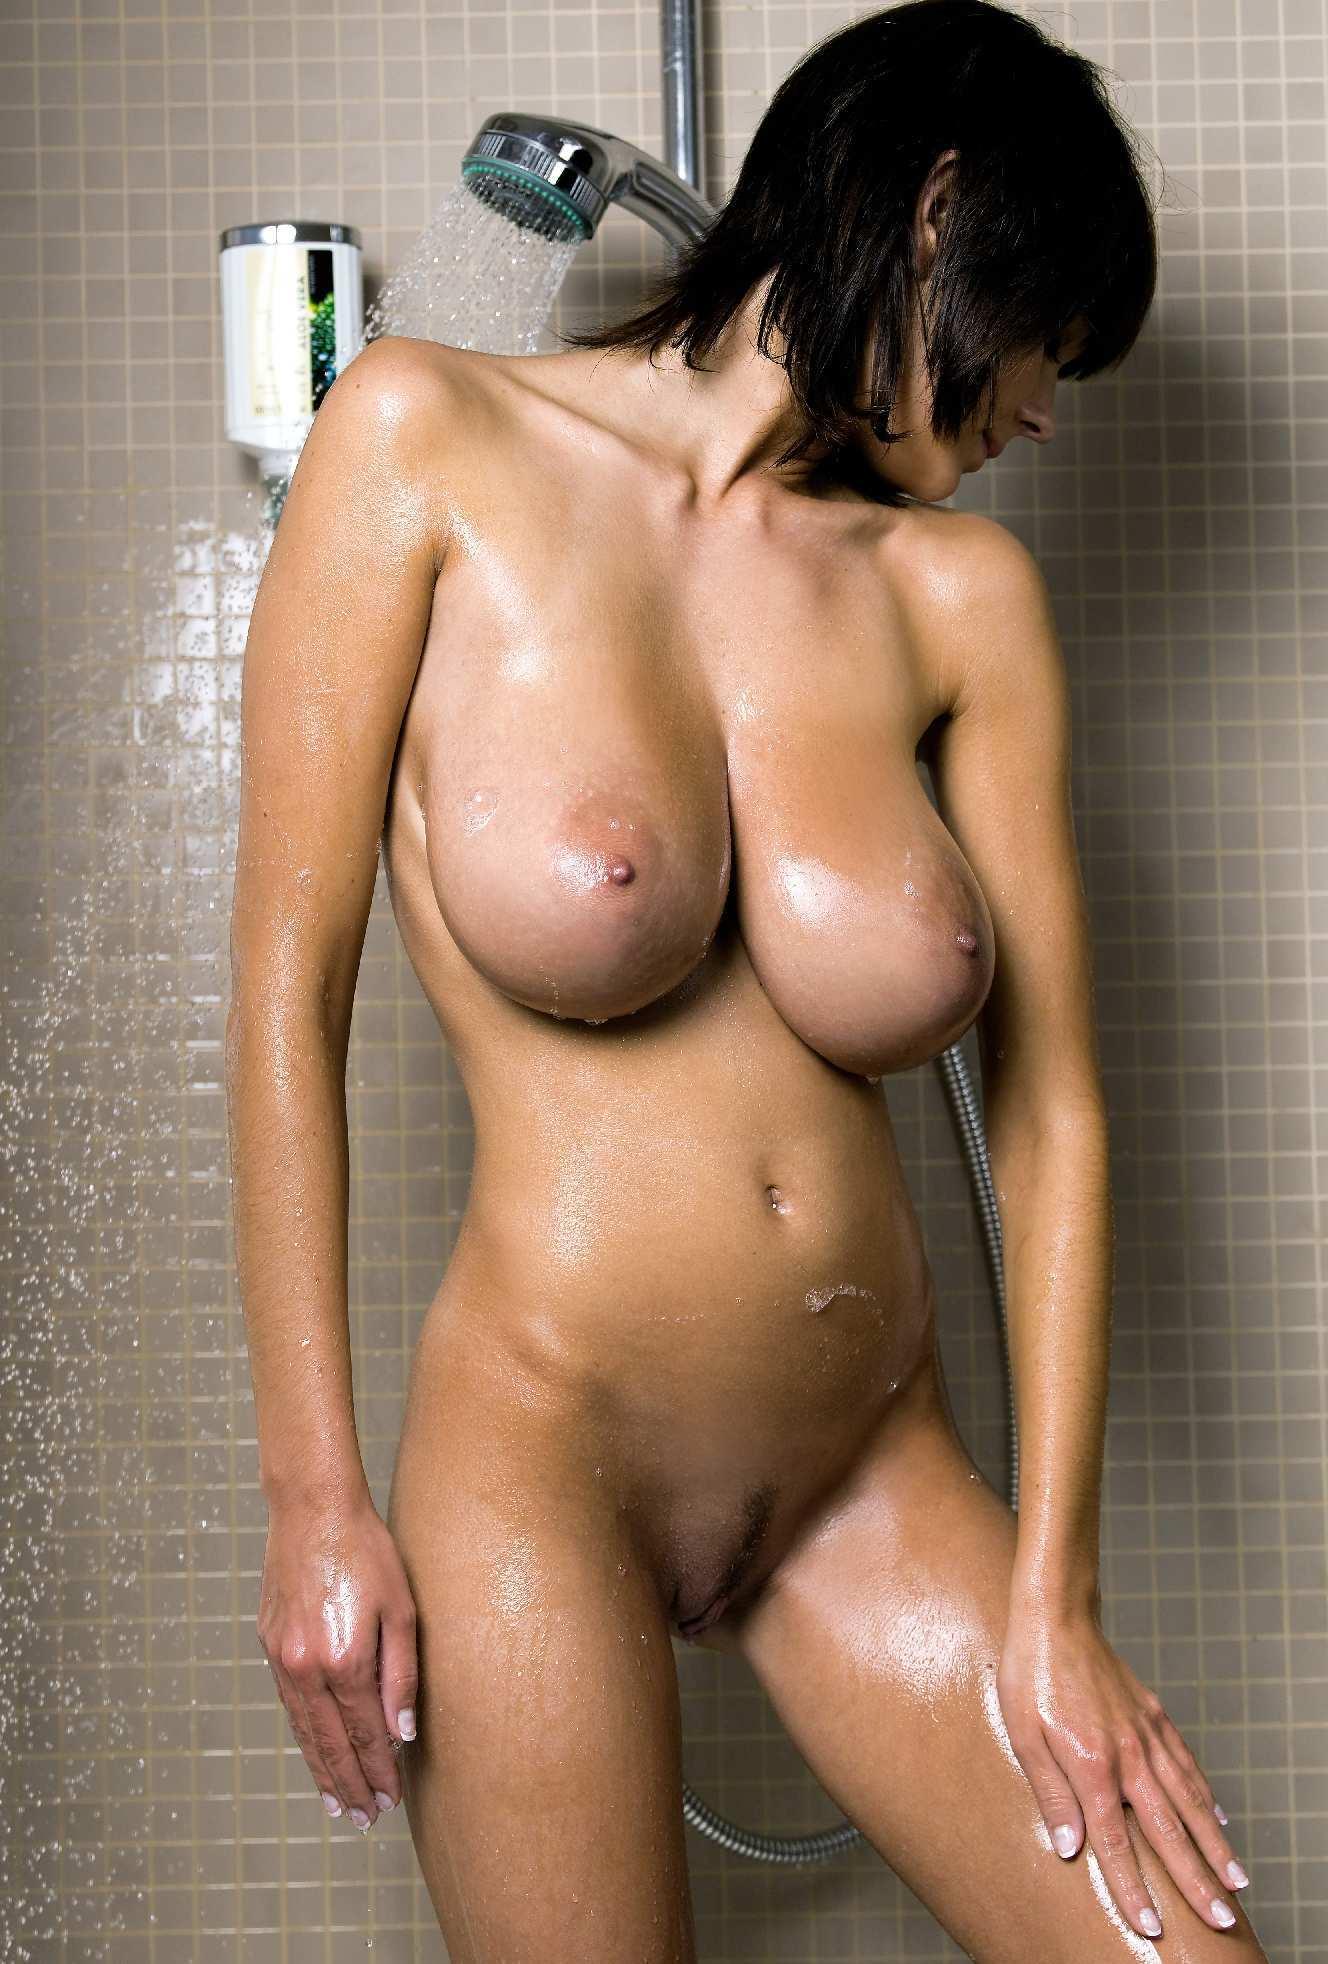 mulher-com-peitos-grandes-tomando-banho-pelada-2